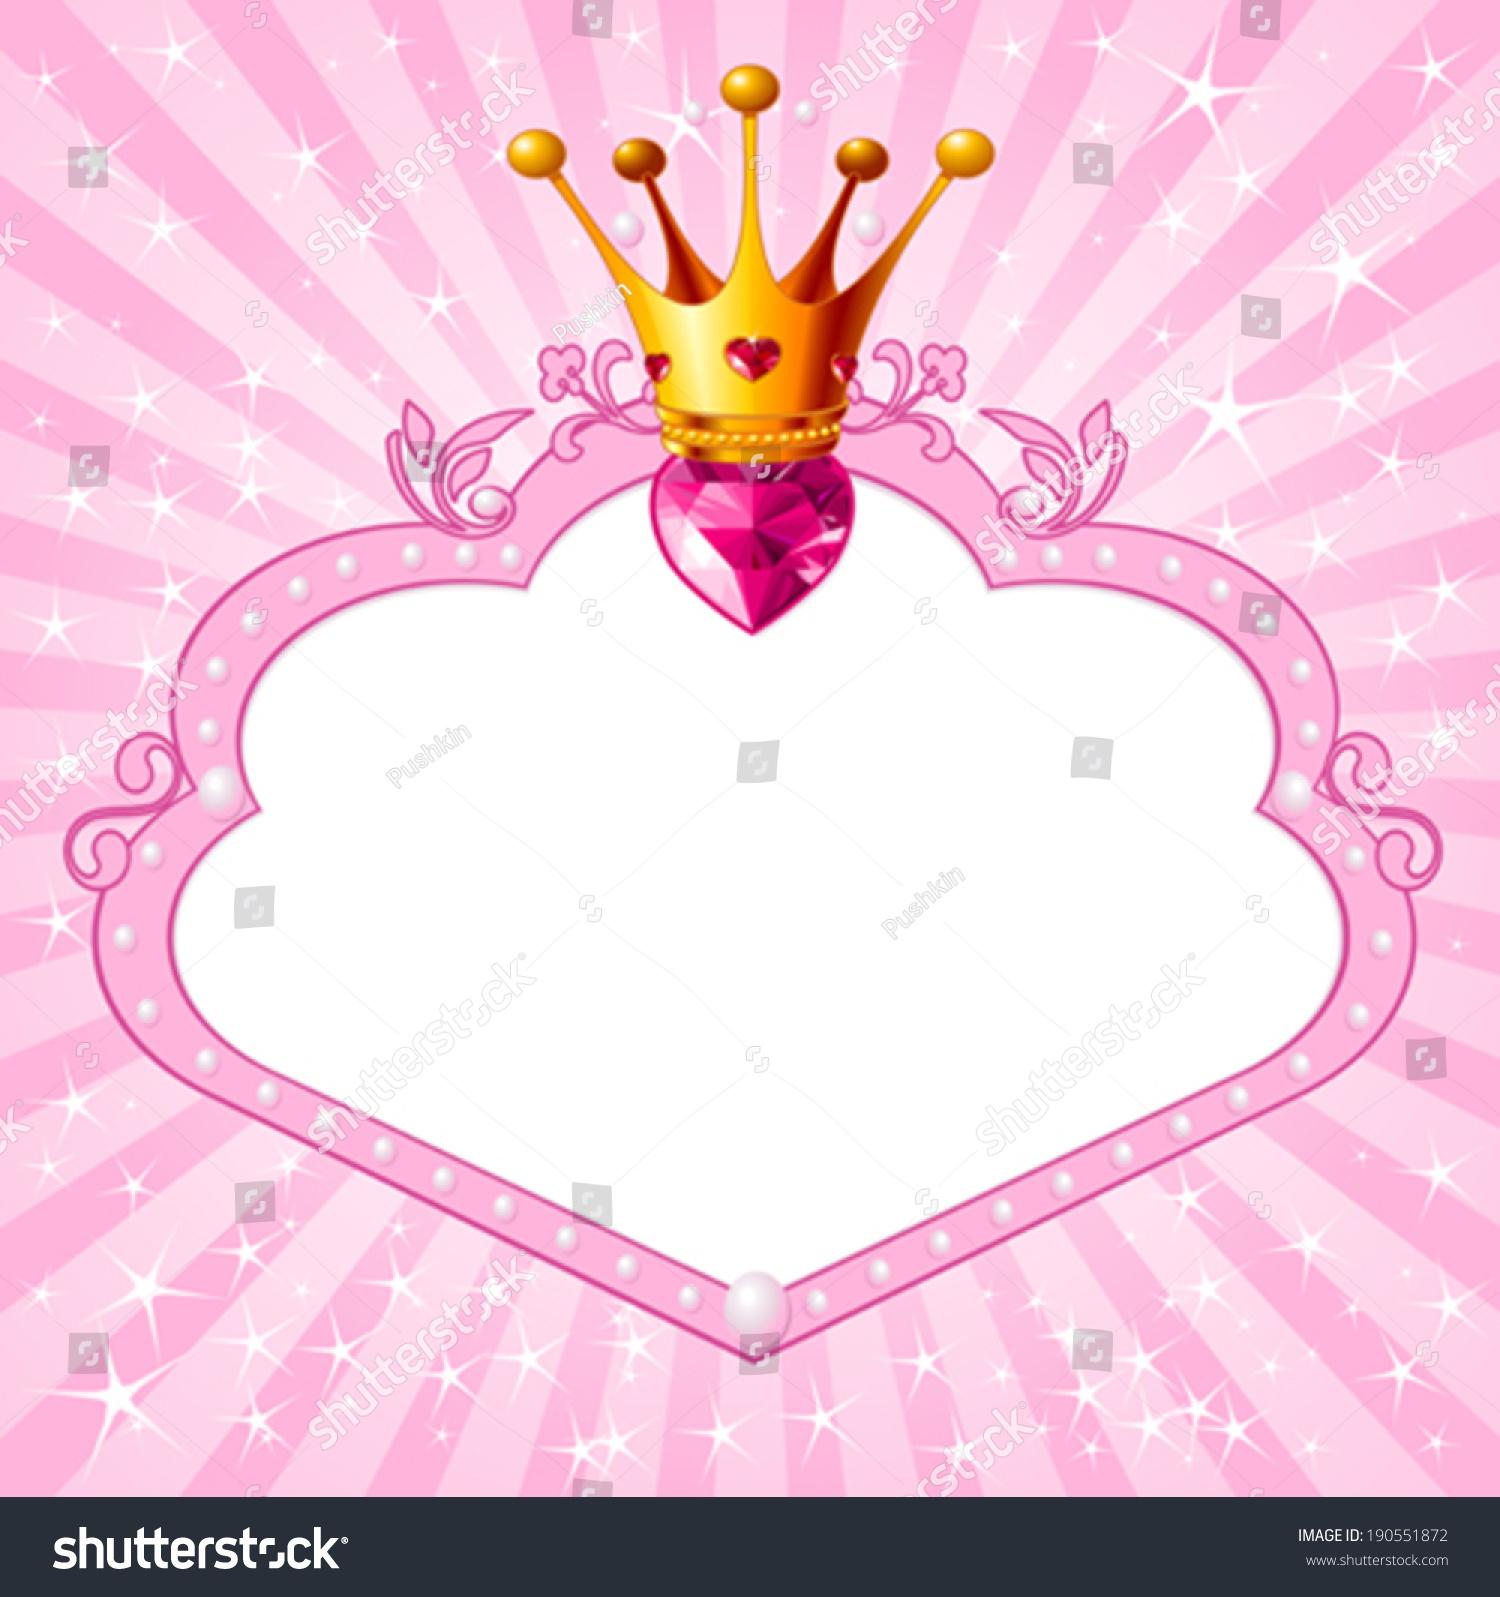 可爱的女孩公主框架。完美的漂亮的背景-星座女生粉色最好哪个图片